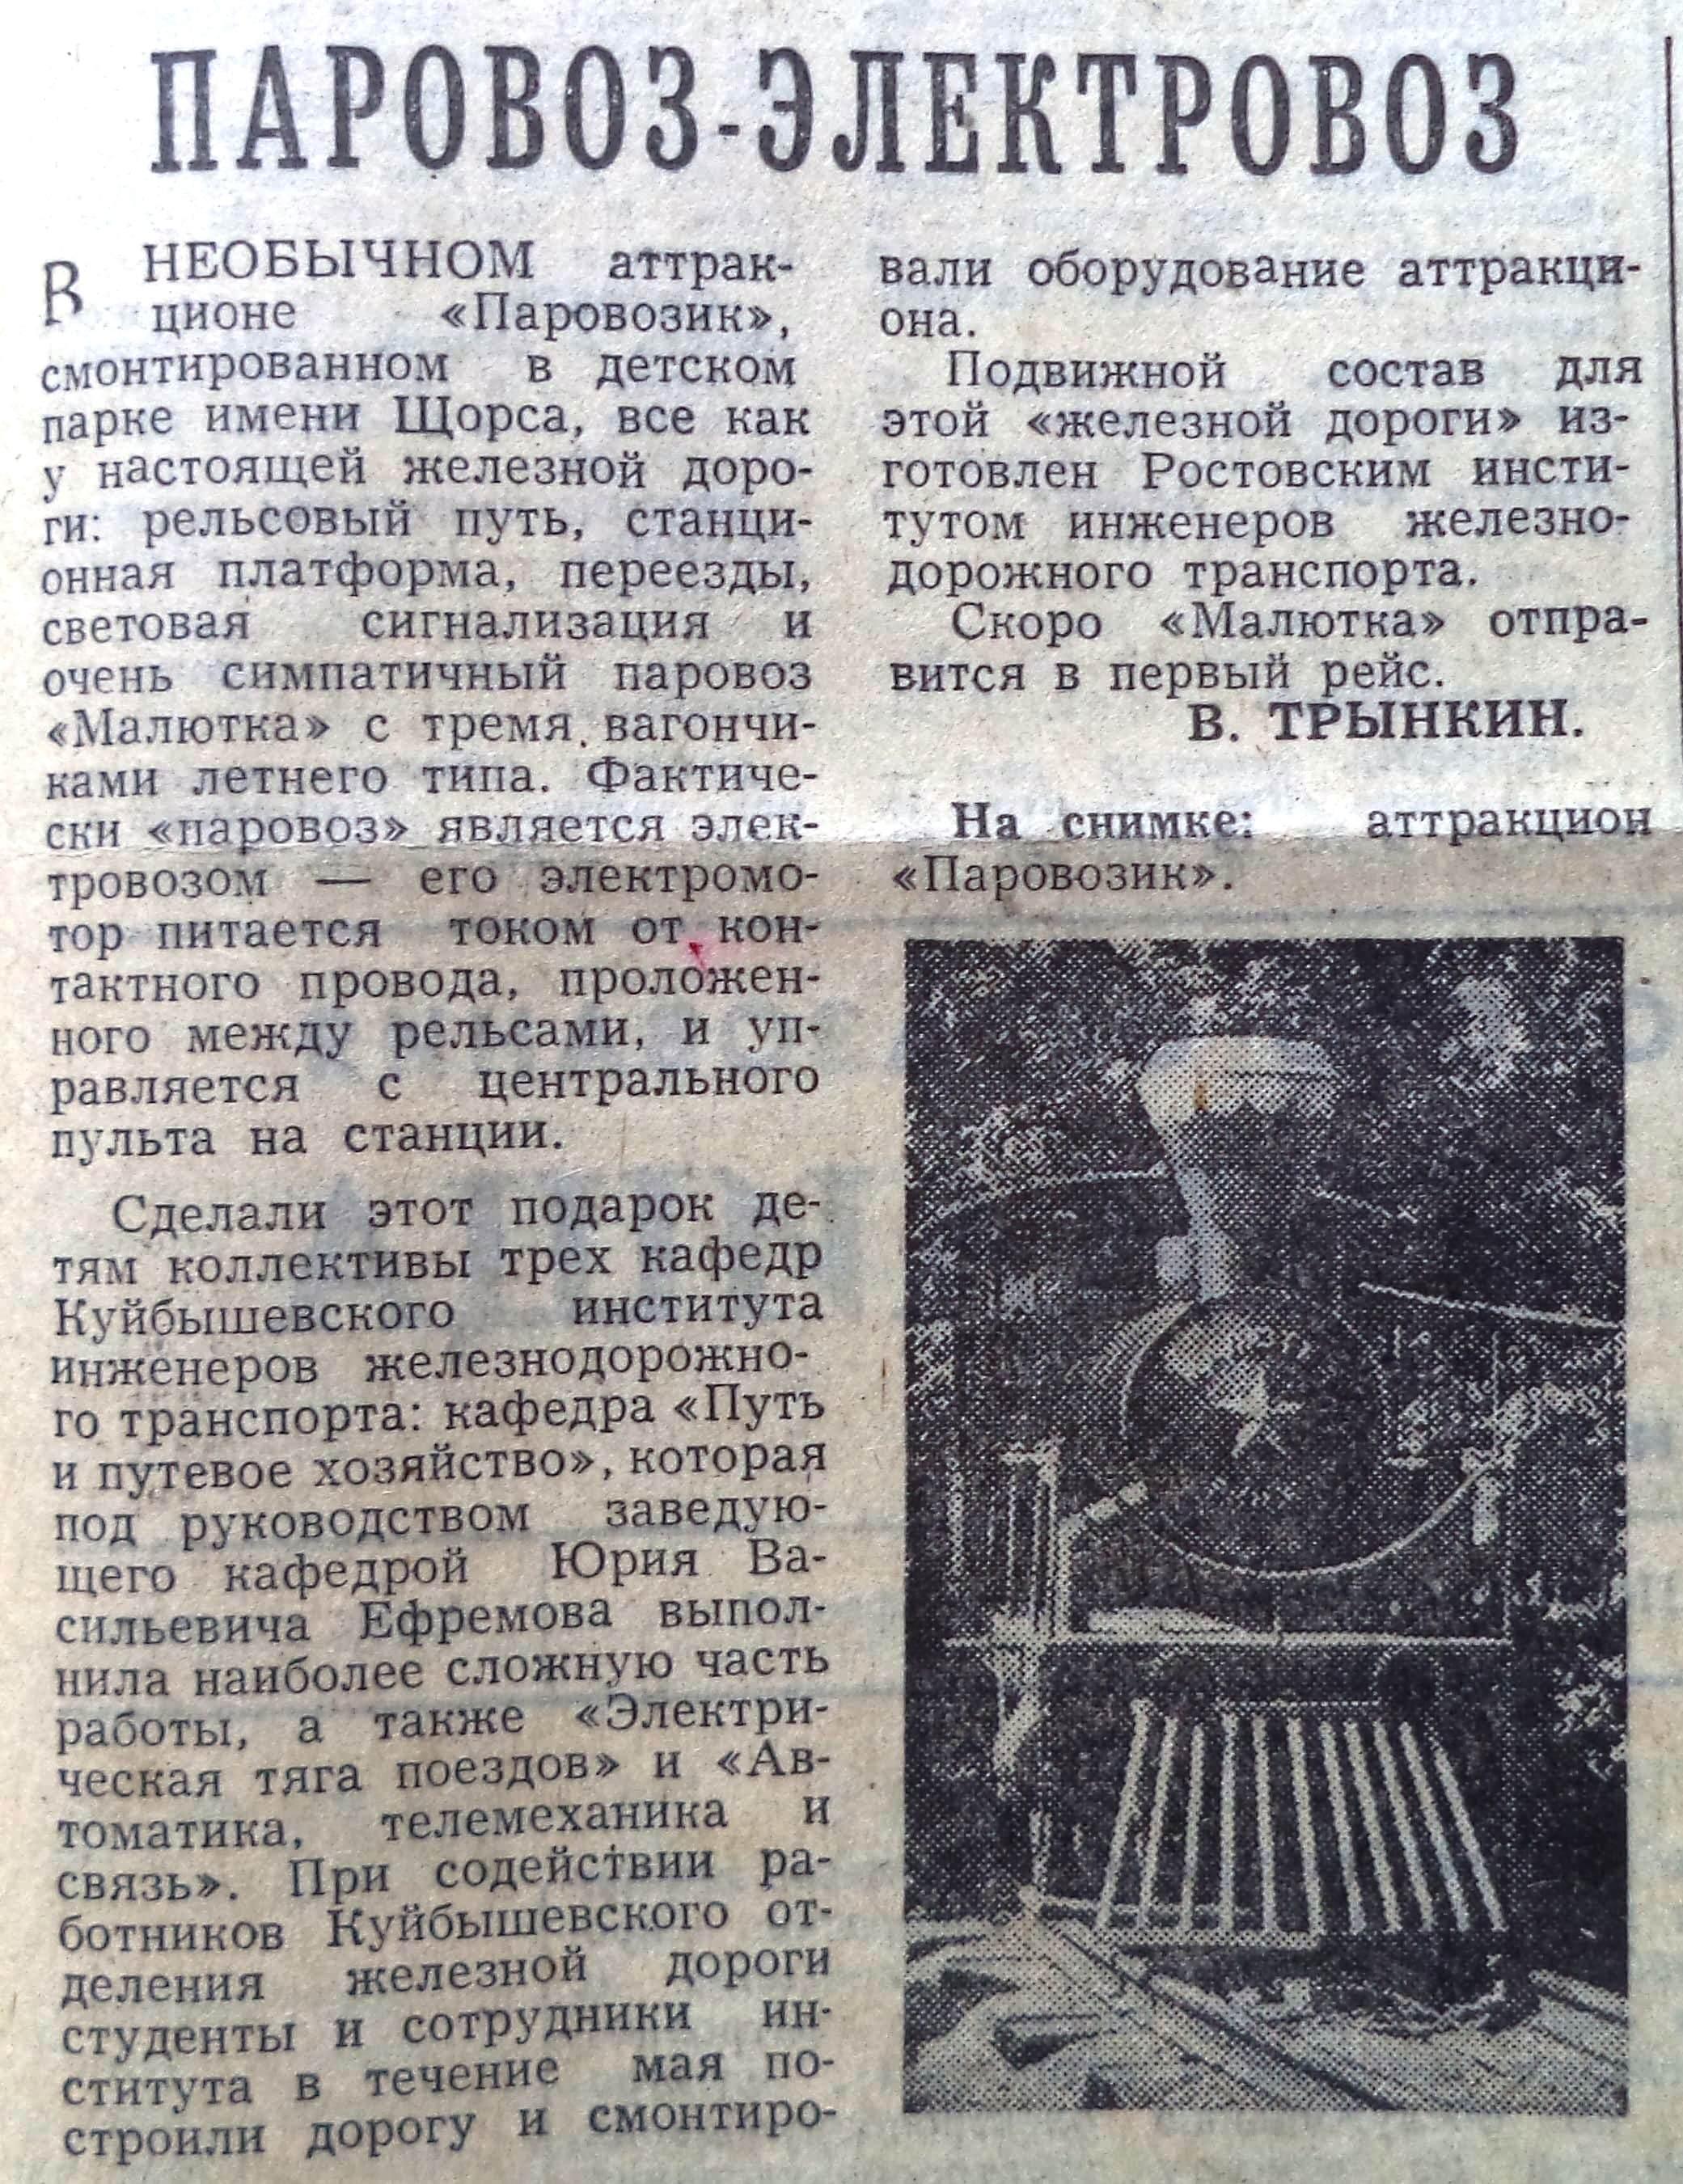 Урицкого-ФОТО-42-ВЗя-1984-06-13-паровозик из парка Щорса-min